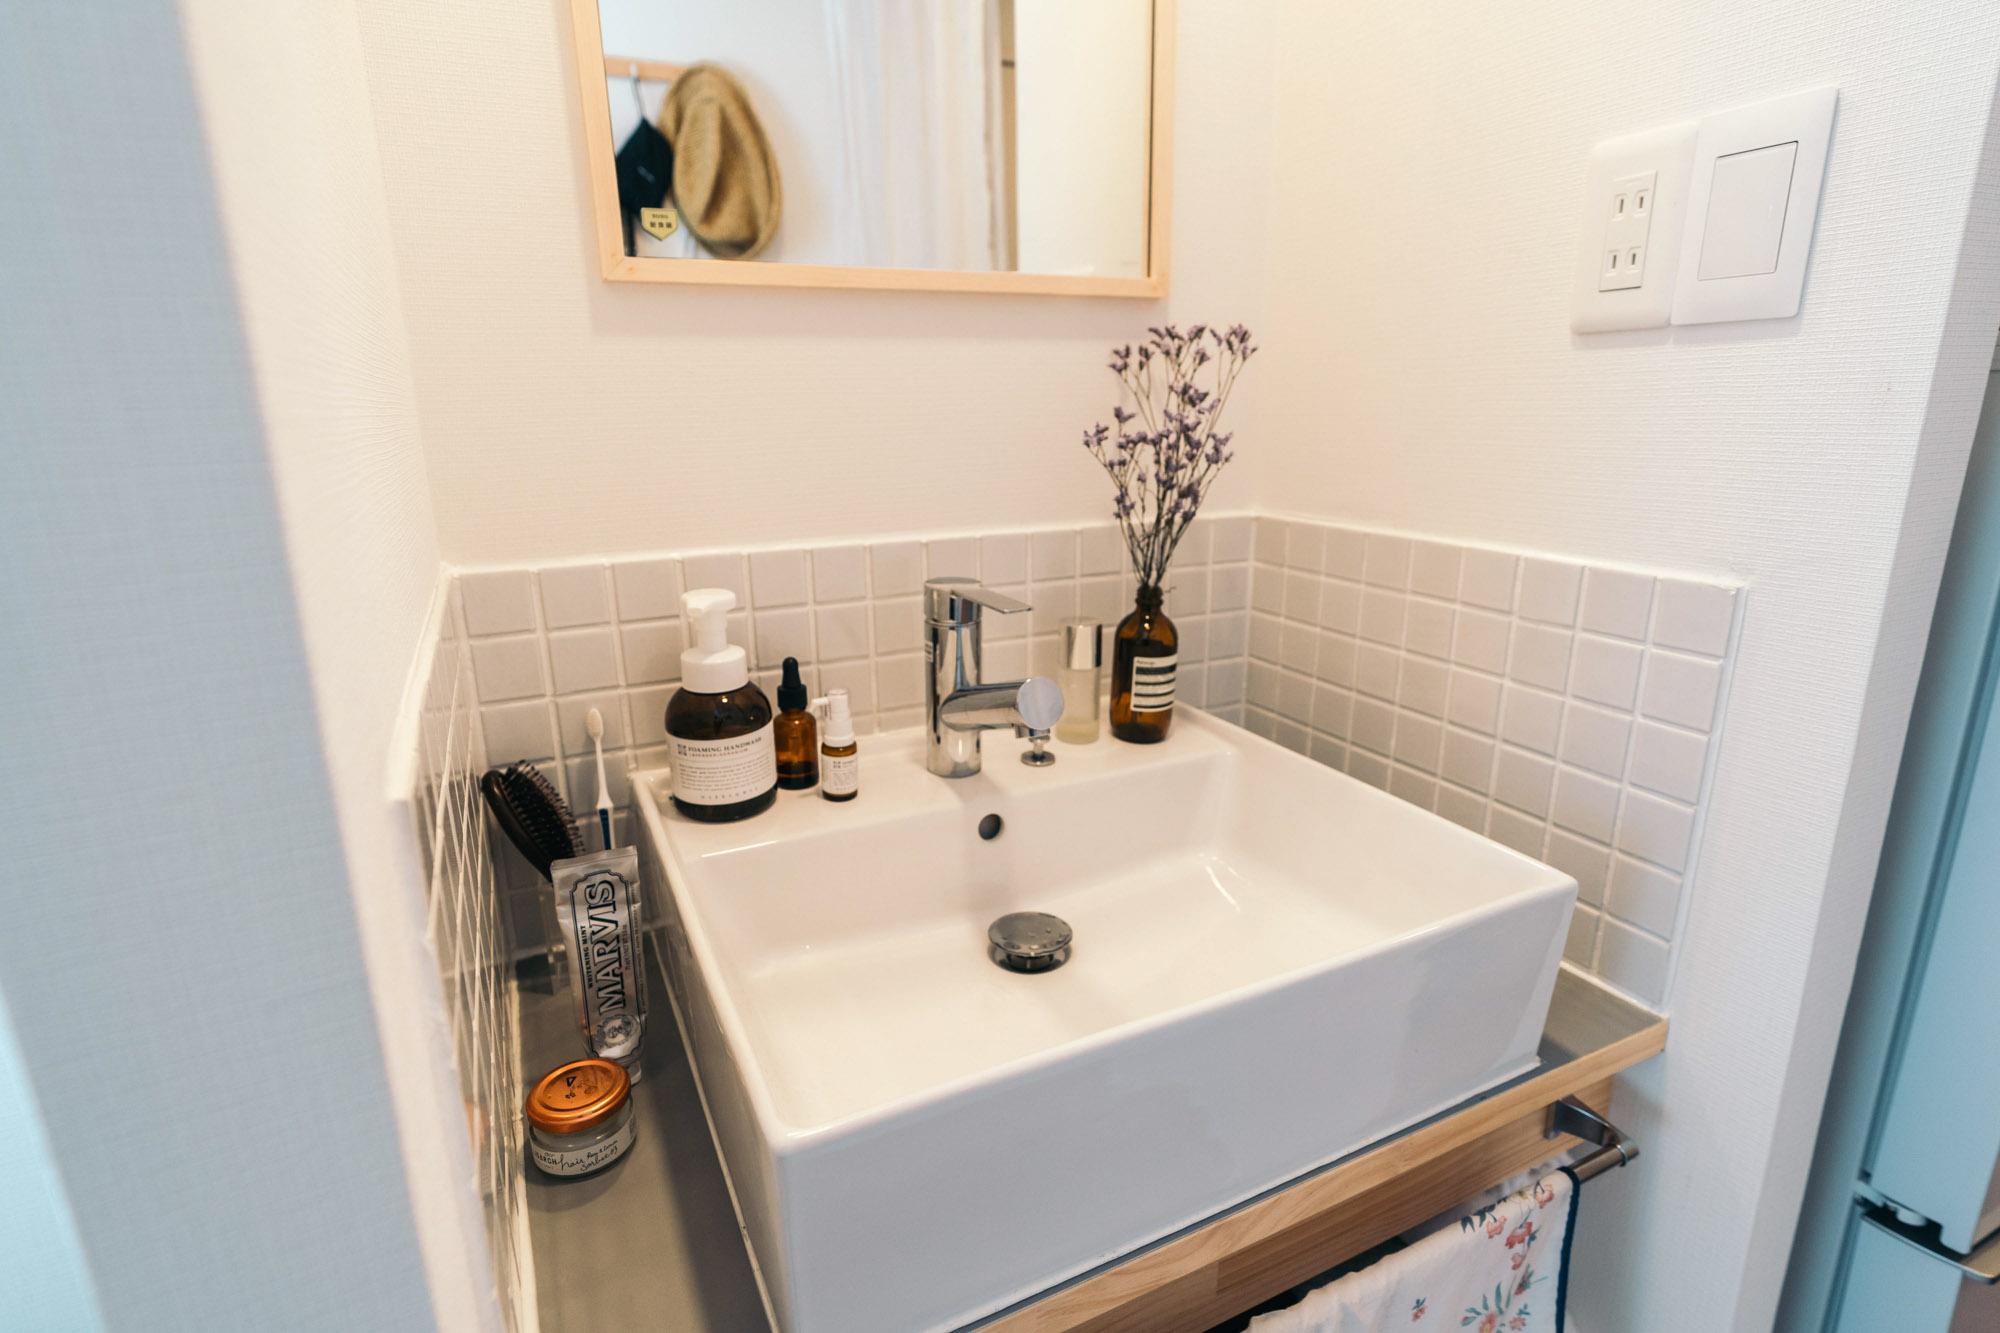 こちらはグッドルームのオリジナルリノベーション「TOMOS」にお住まいの方の洗面台。元々デザインにもこだわりがありますが、小瓶を1輪挿しにしたりすると、ますますおしゃれな印象に。グッドルームジャーナルで紹介してきたお部屋の中にも、こうした方は多くいらっしゃいました。ささやかだけど、真似したいテクニックです。(このお部屋をもっと見る)